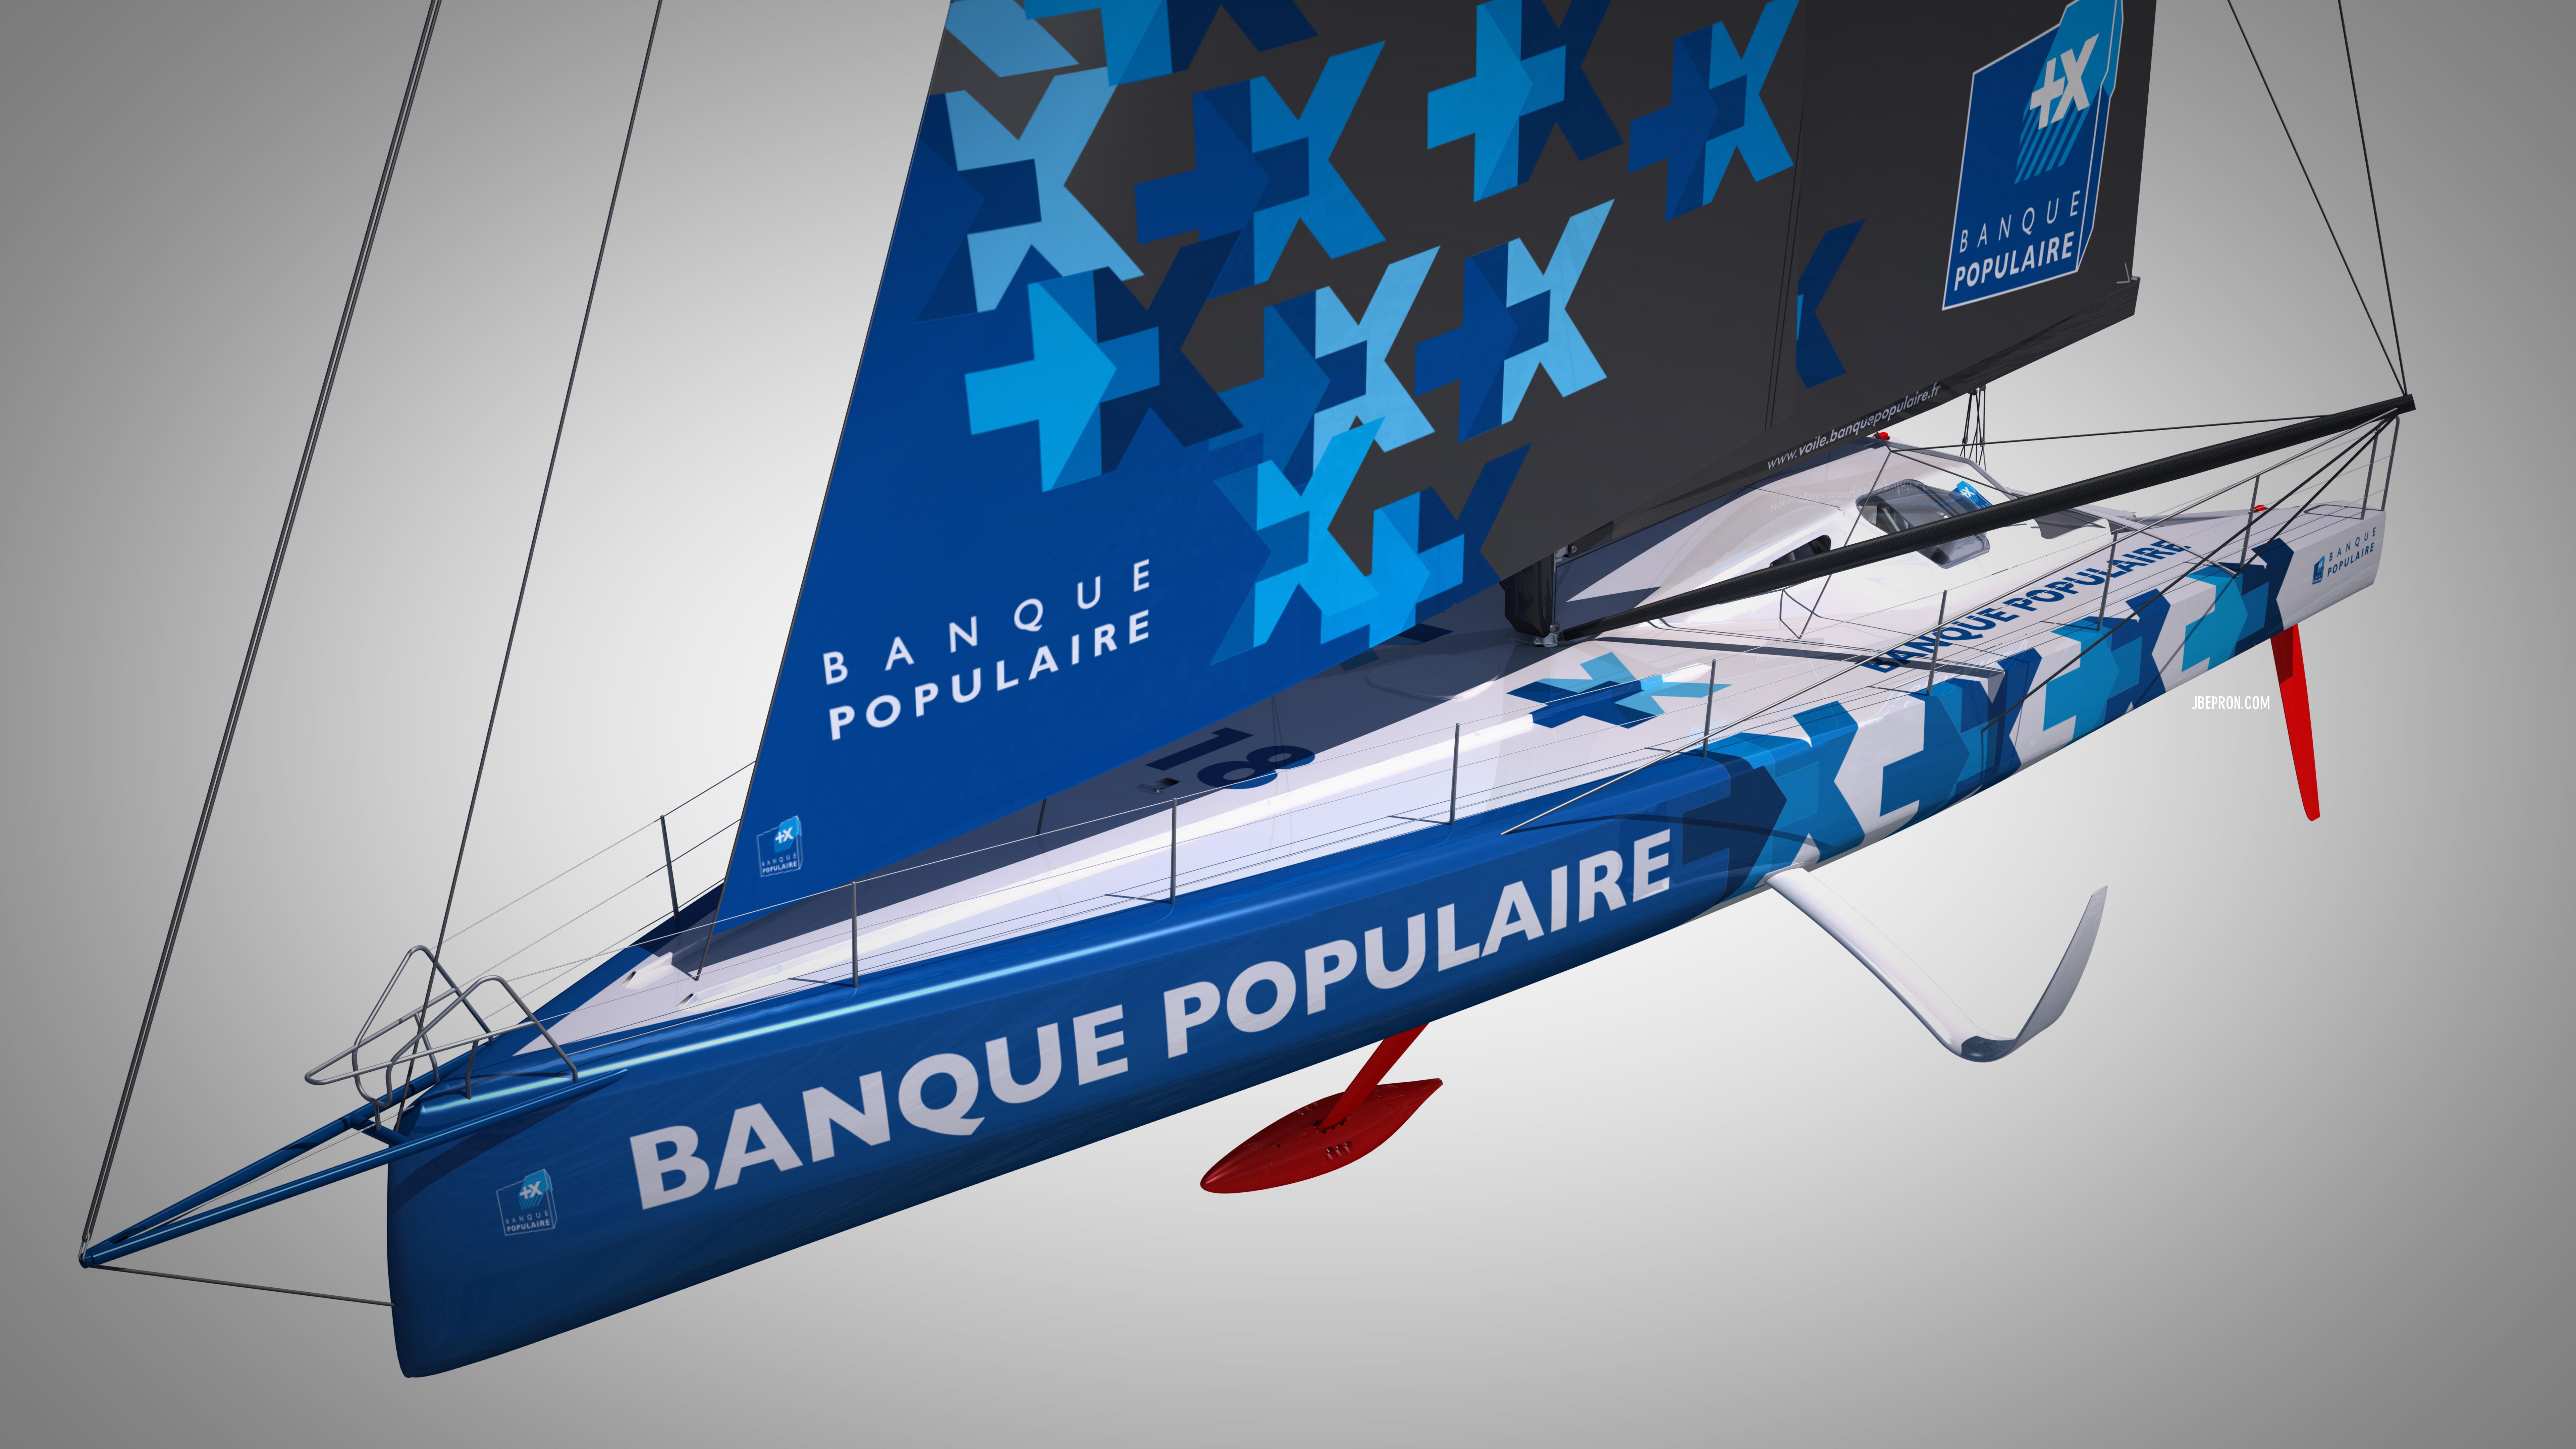 Mono banque populaire viii banque populaire la banque de la voile - Armel le cleac h banque populaire ...